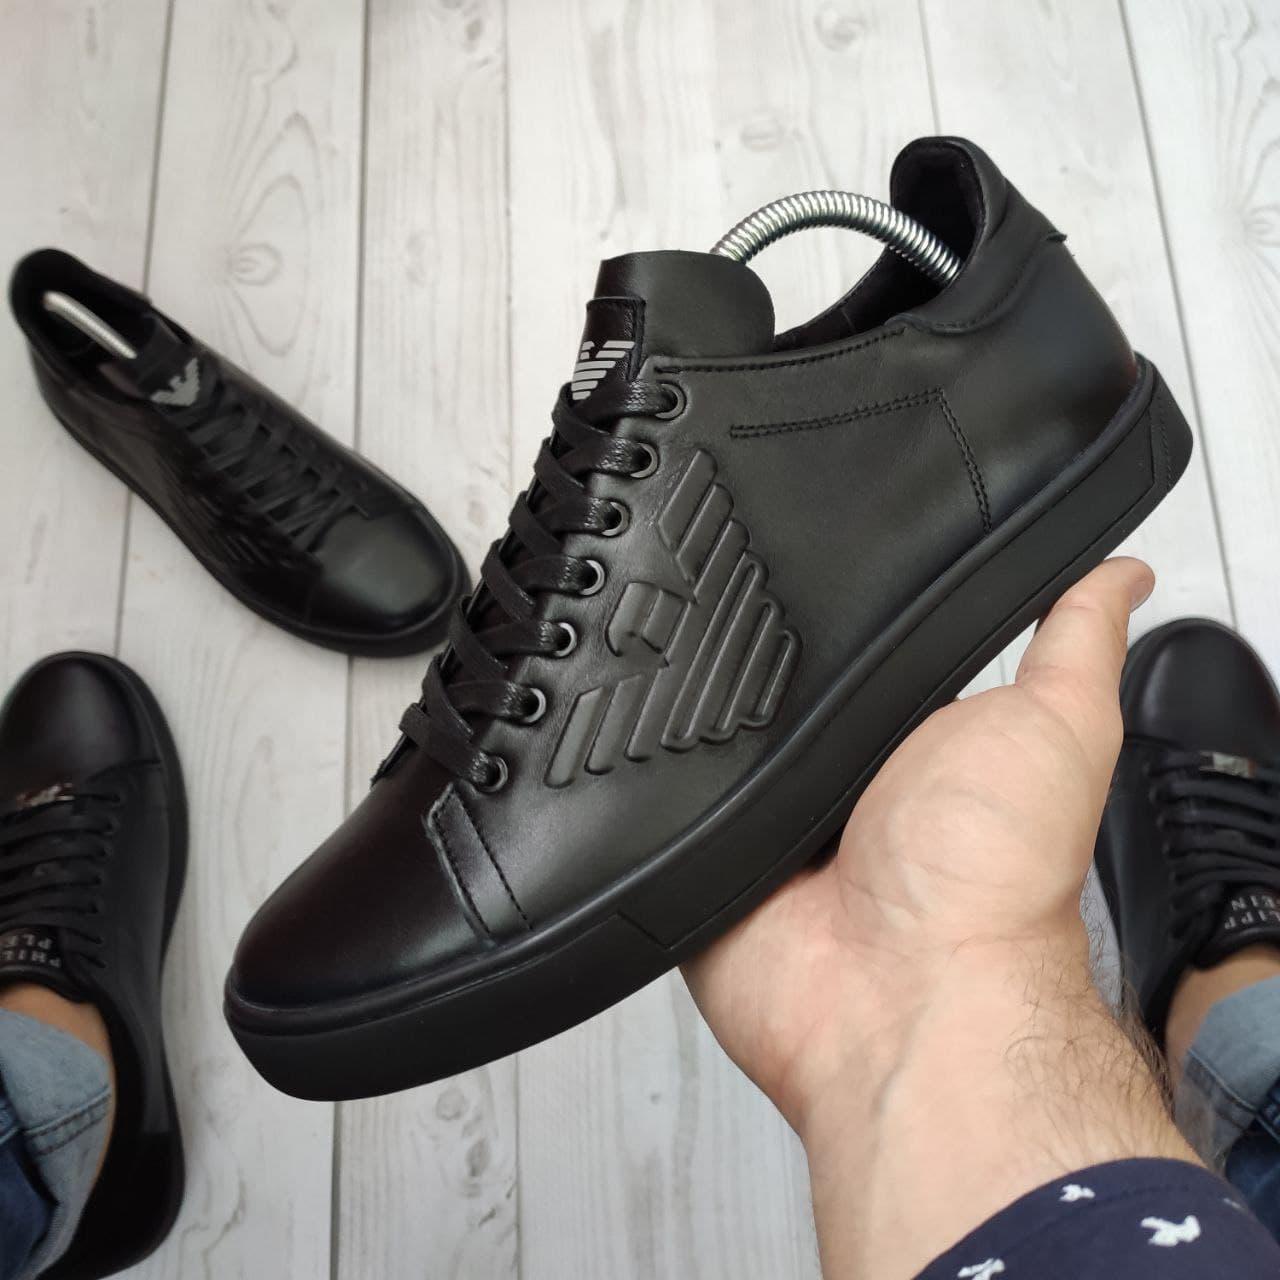 Кеды Armani черные кожаные Кроссовки Адмани из кожи